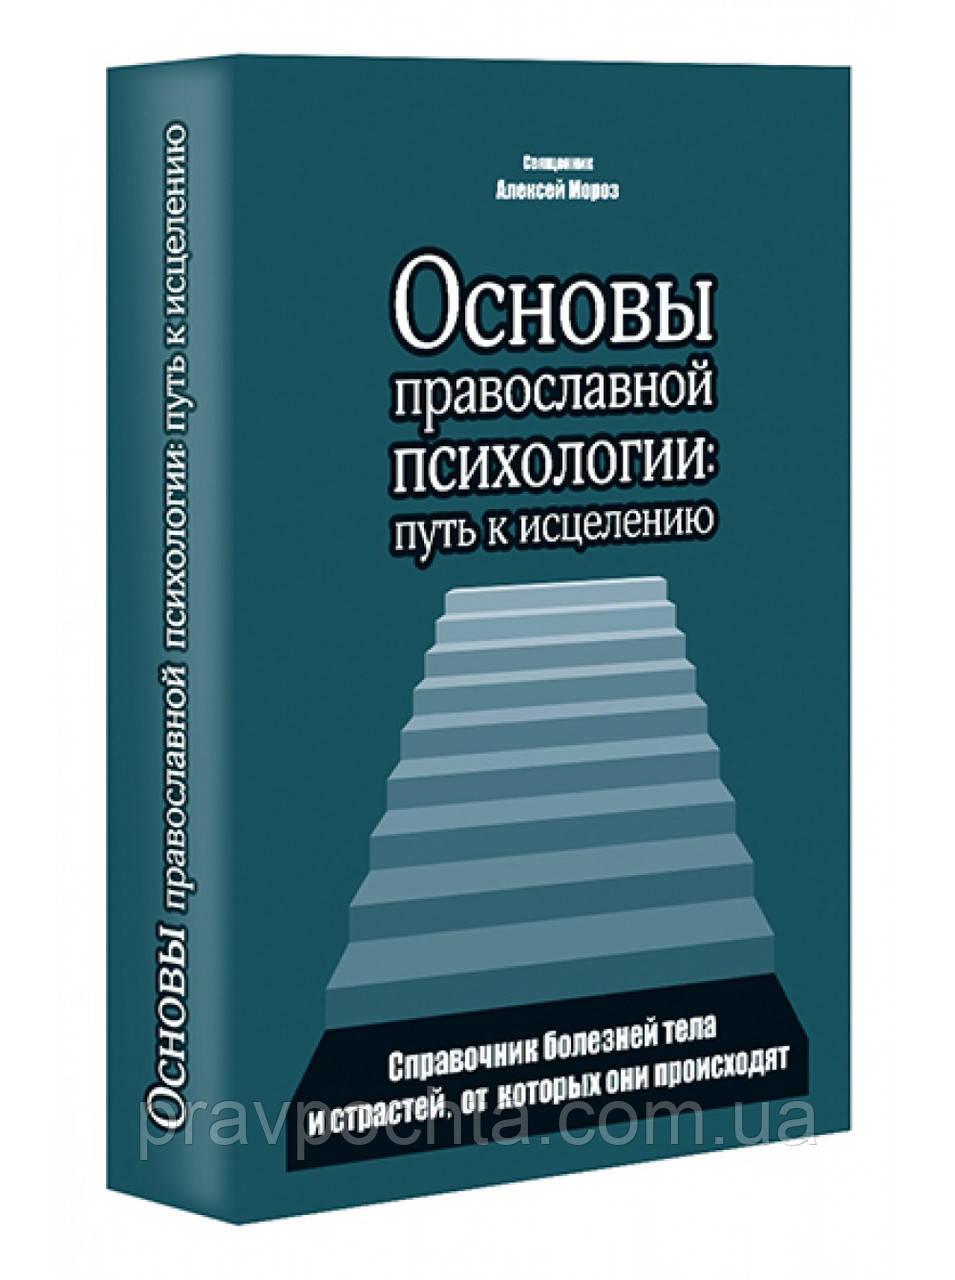 Основи православної психології: шлях до зцілення. Олексій Мороз, священик